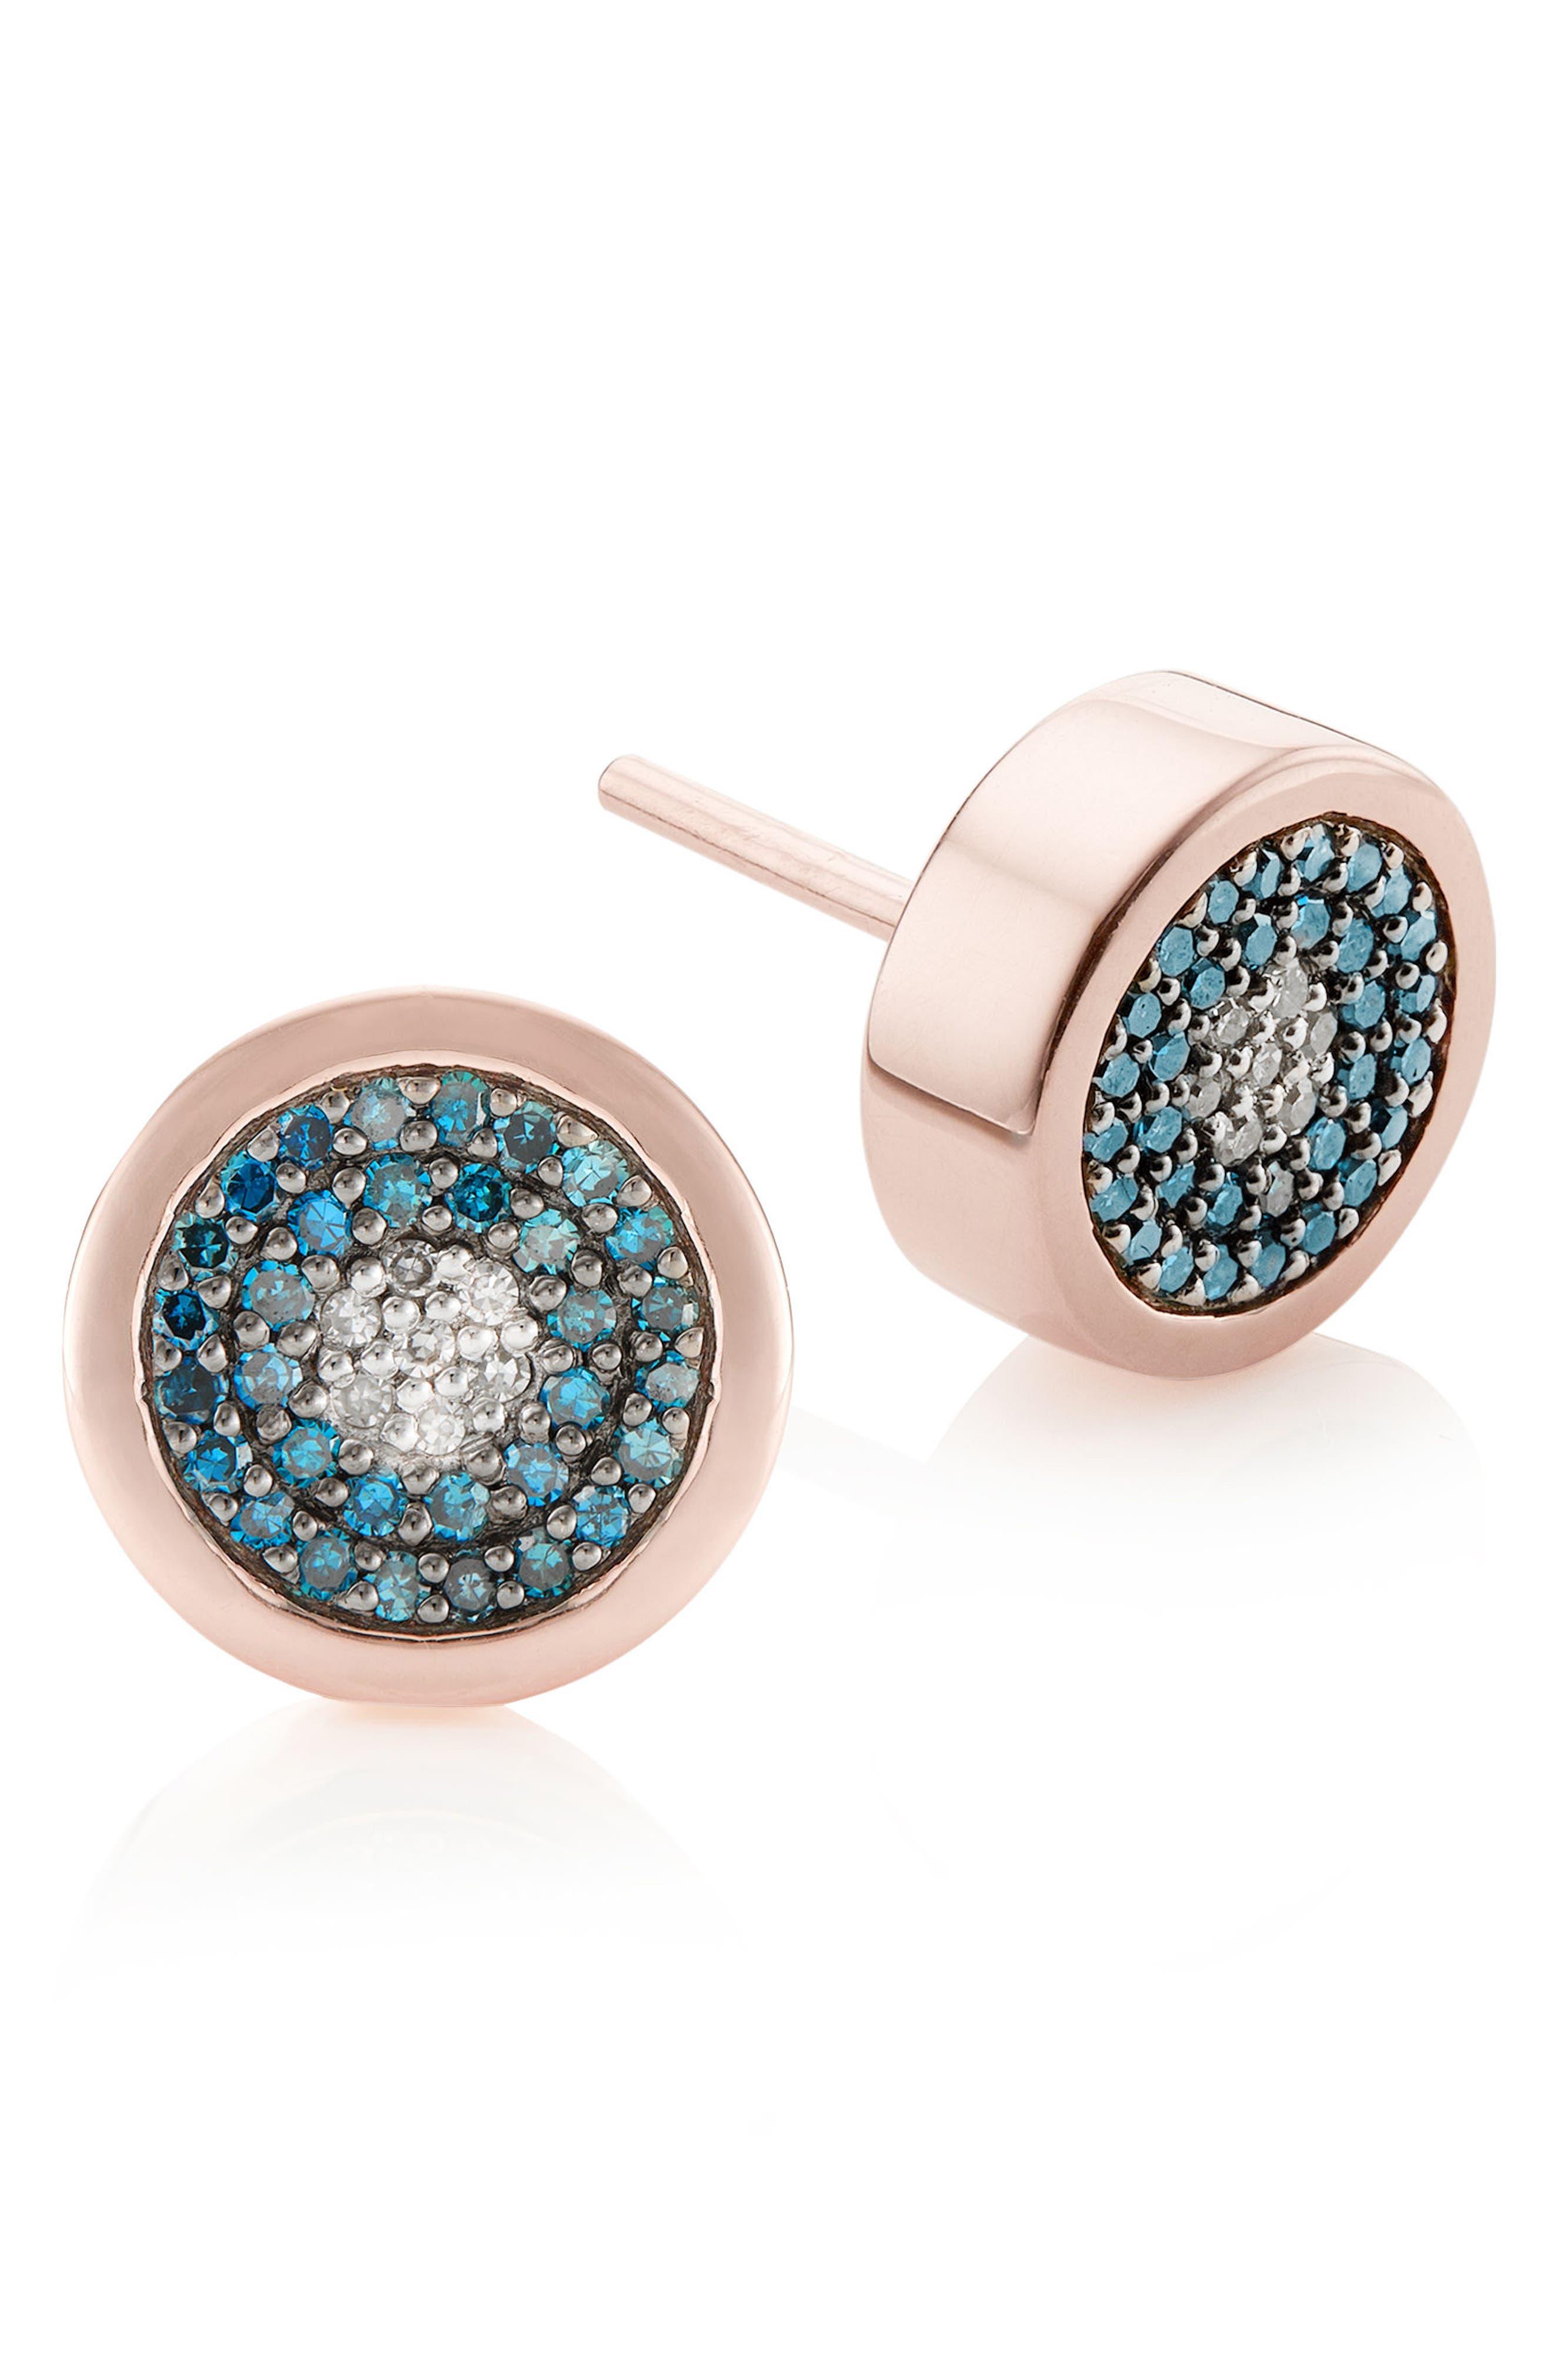 Evil Eye Stud Diamond Earrings,                             Alternate thumbnail 4, color,                             ROSE GOLD/ BLUE DIAMOND